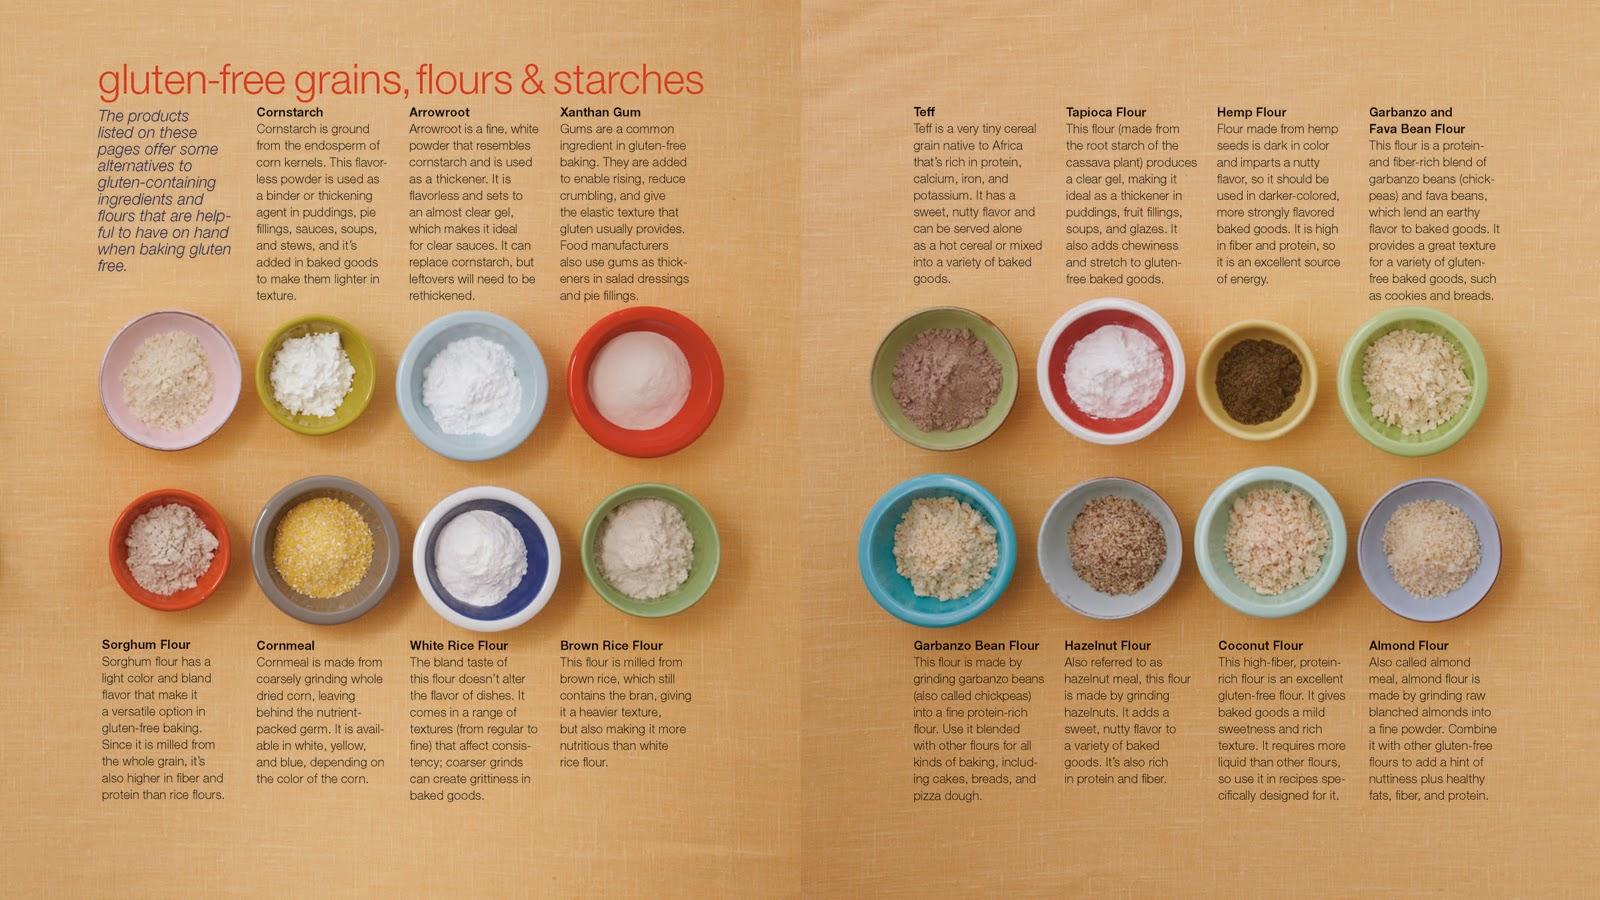 Fotografia kolorowa. Na dwóch jasnobrązowych kartkach, położono kolorowe miseczki, w których znajdują się różne produkty spożywcze, sypkie, takie jak np mąka.